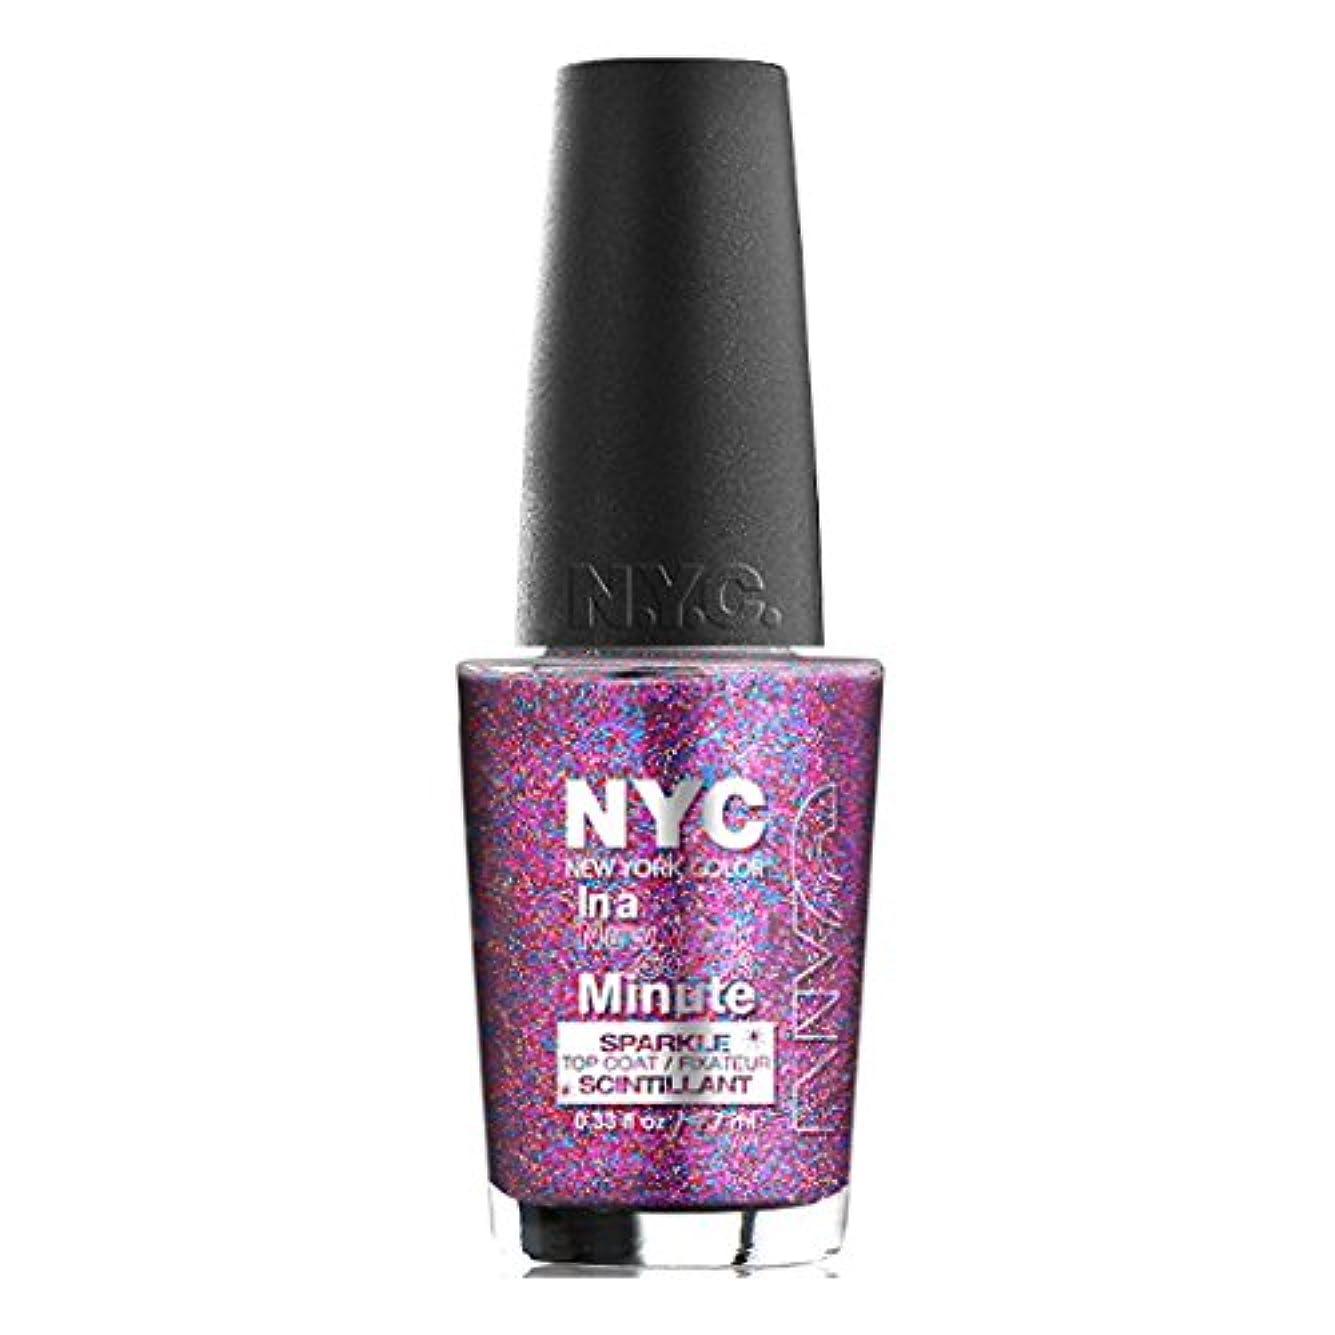 ストレスの多い供給文字NYC In A New York Color Minute Sparkle Top Coat Big City Dazzle (並行輸入品)